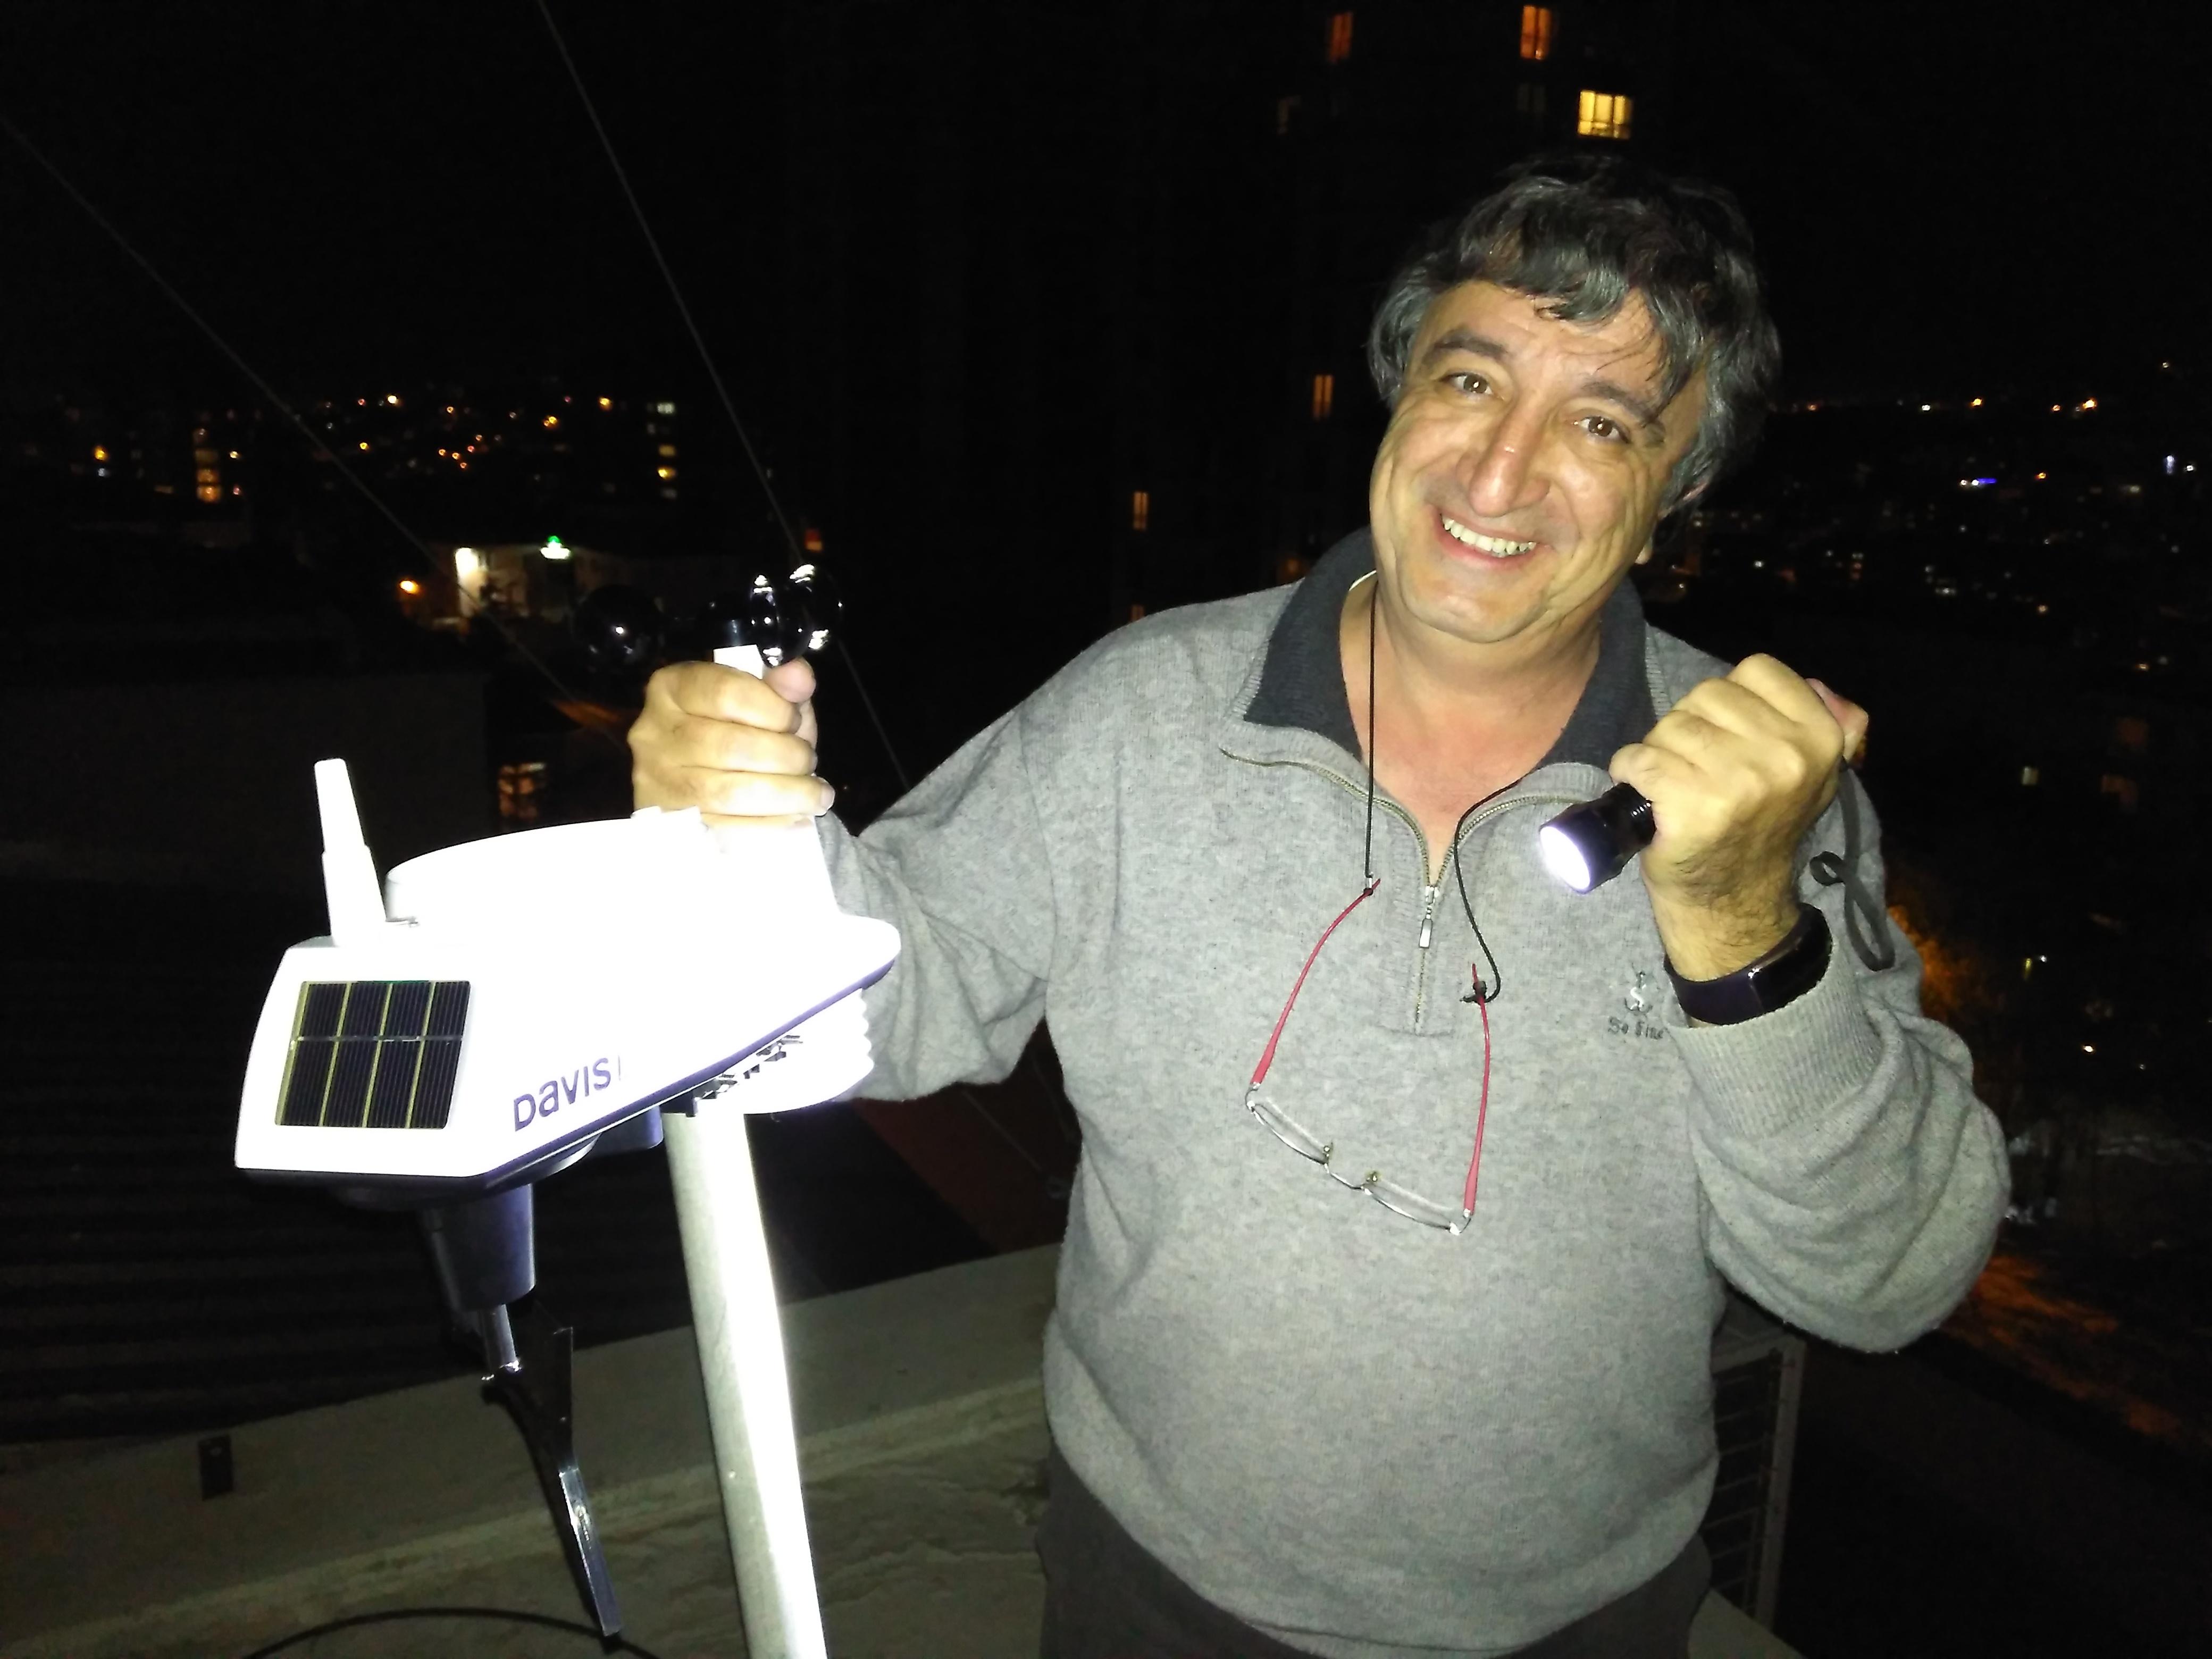 Derneğin çatısında Levent Postoğlu boruya tutturduğumuz dış üniteyi gösteriyor.